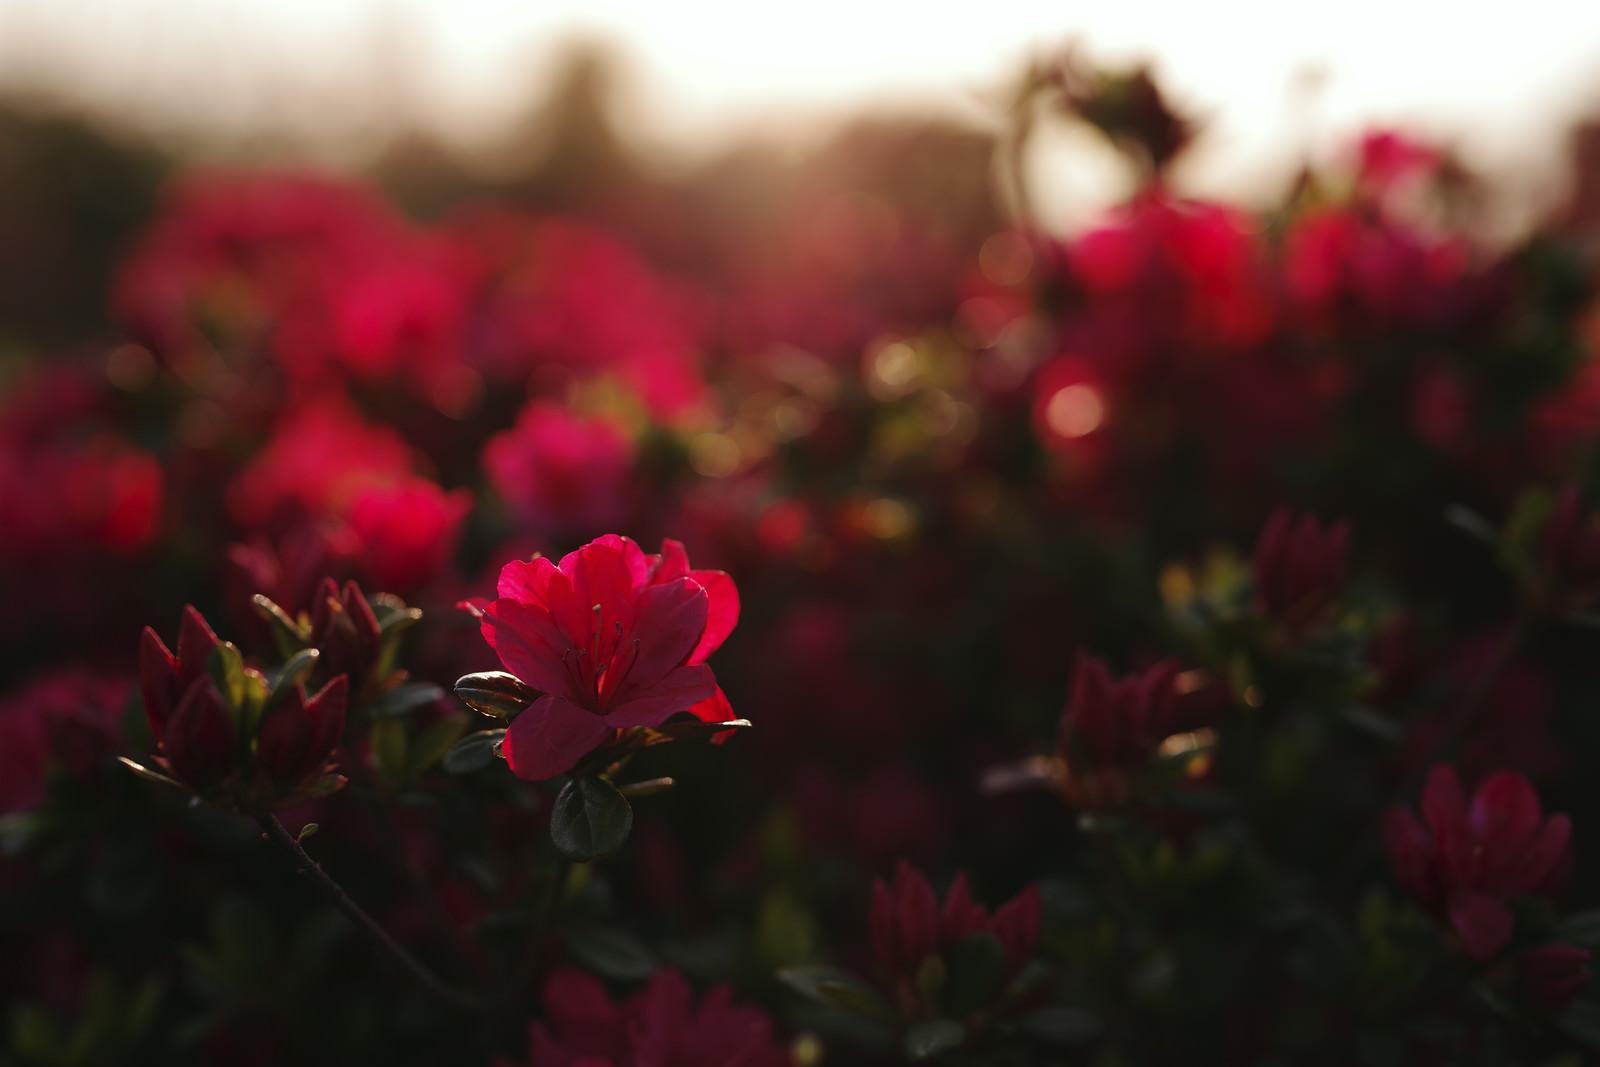 「朝日で真っ赤に染まるツツジの花」の写真